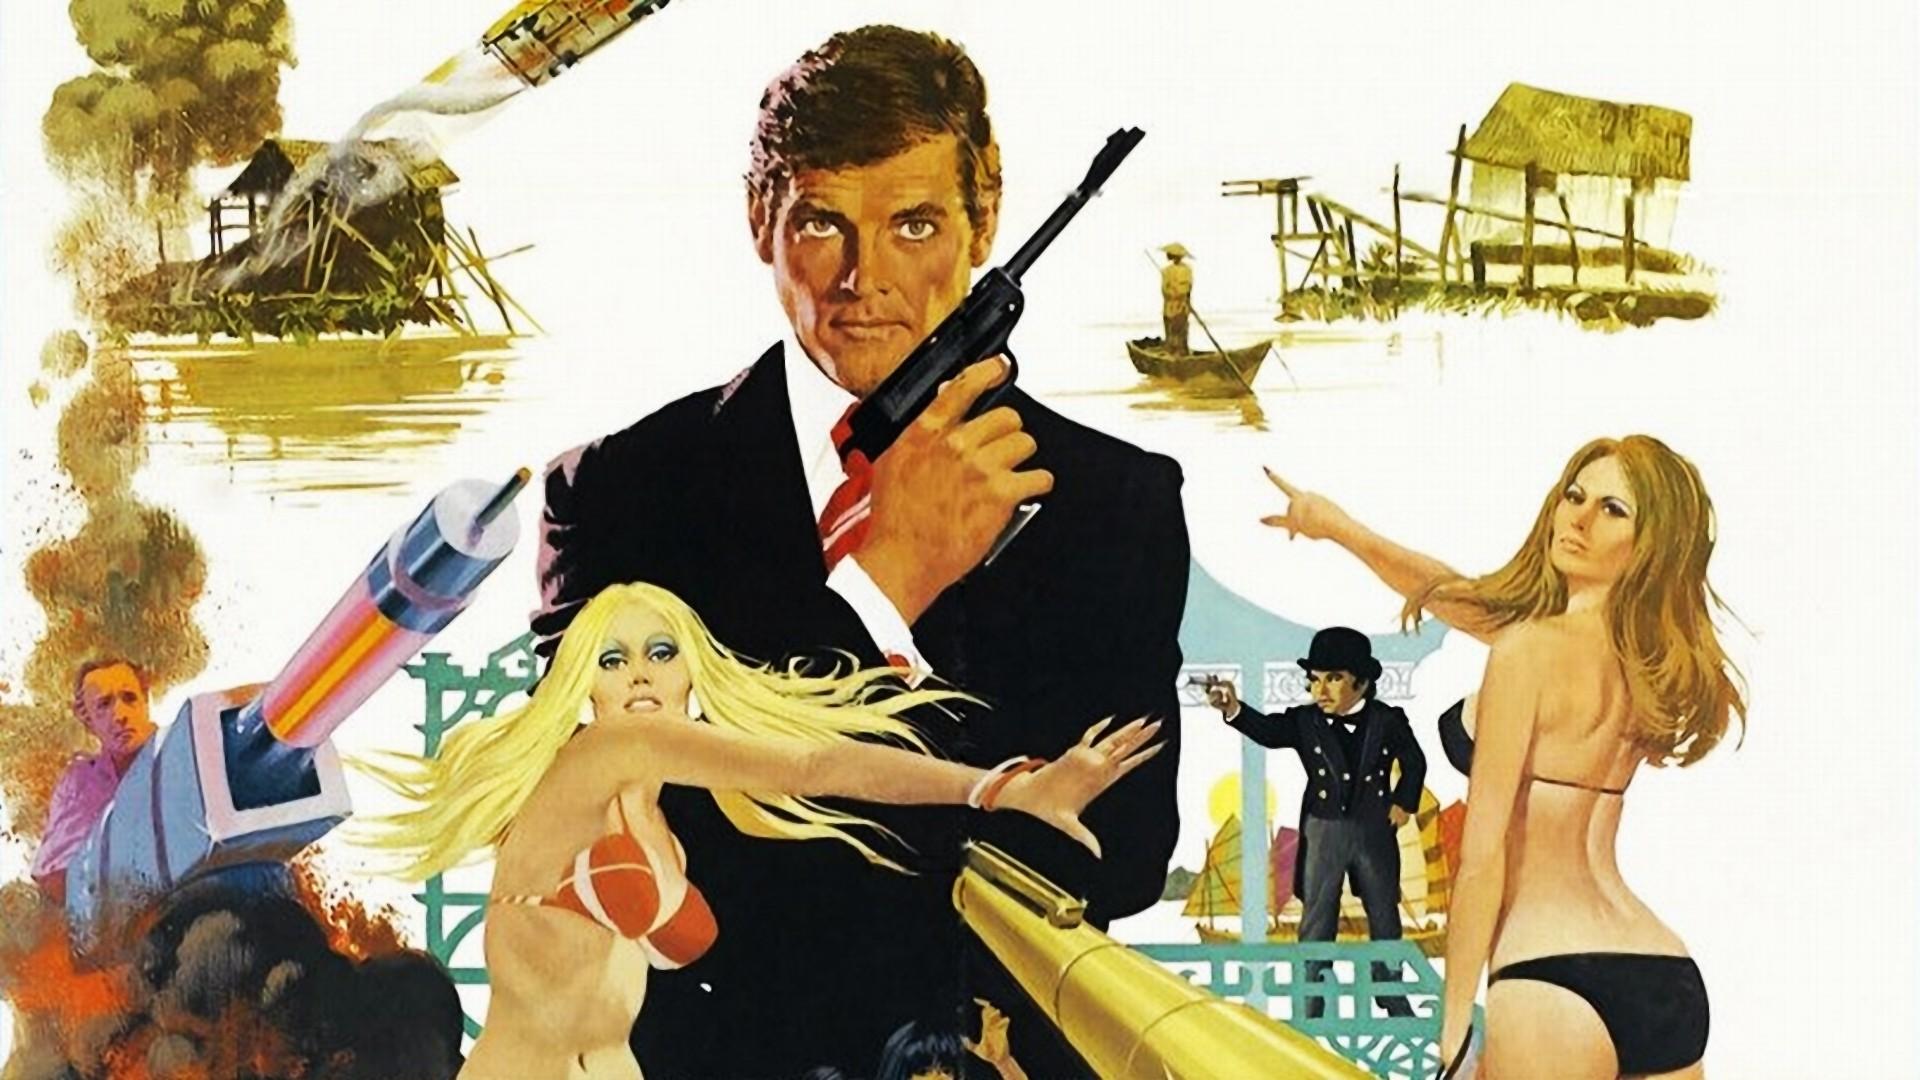 the-man-with-the-golden-gun-01.jpg